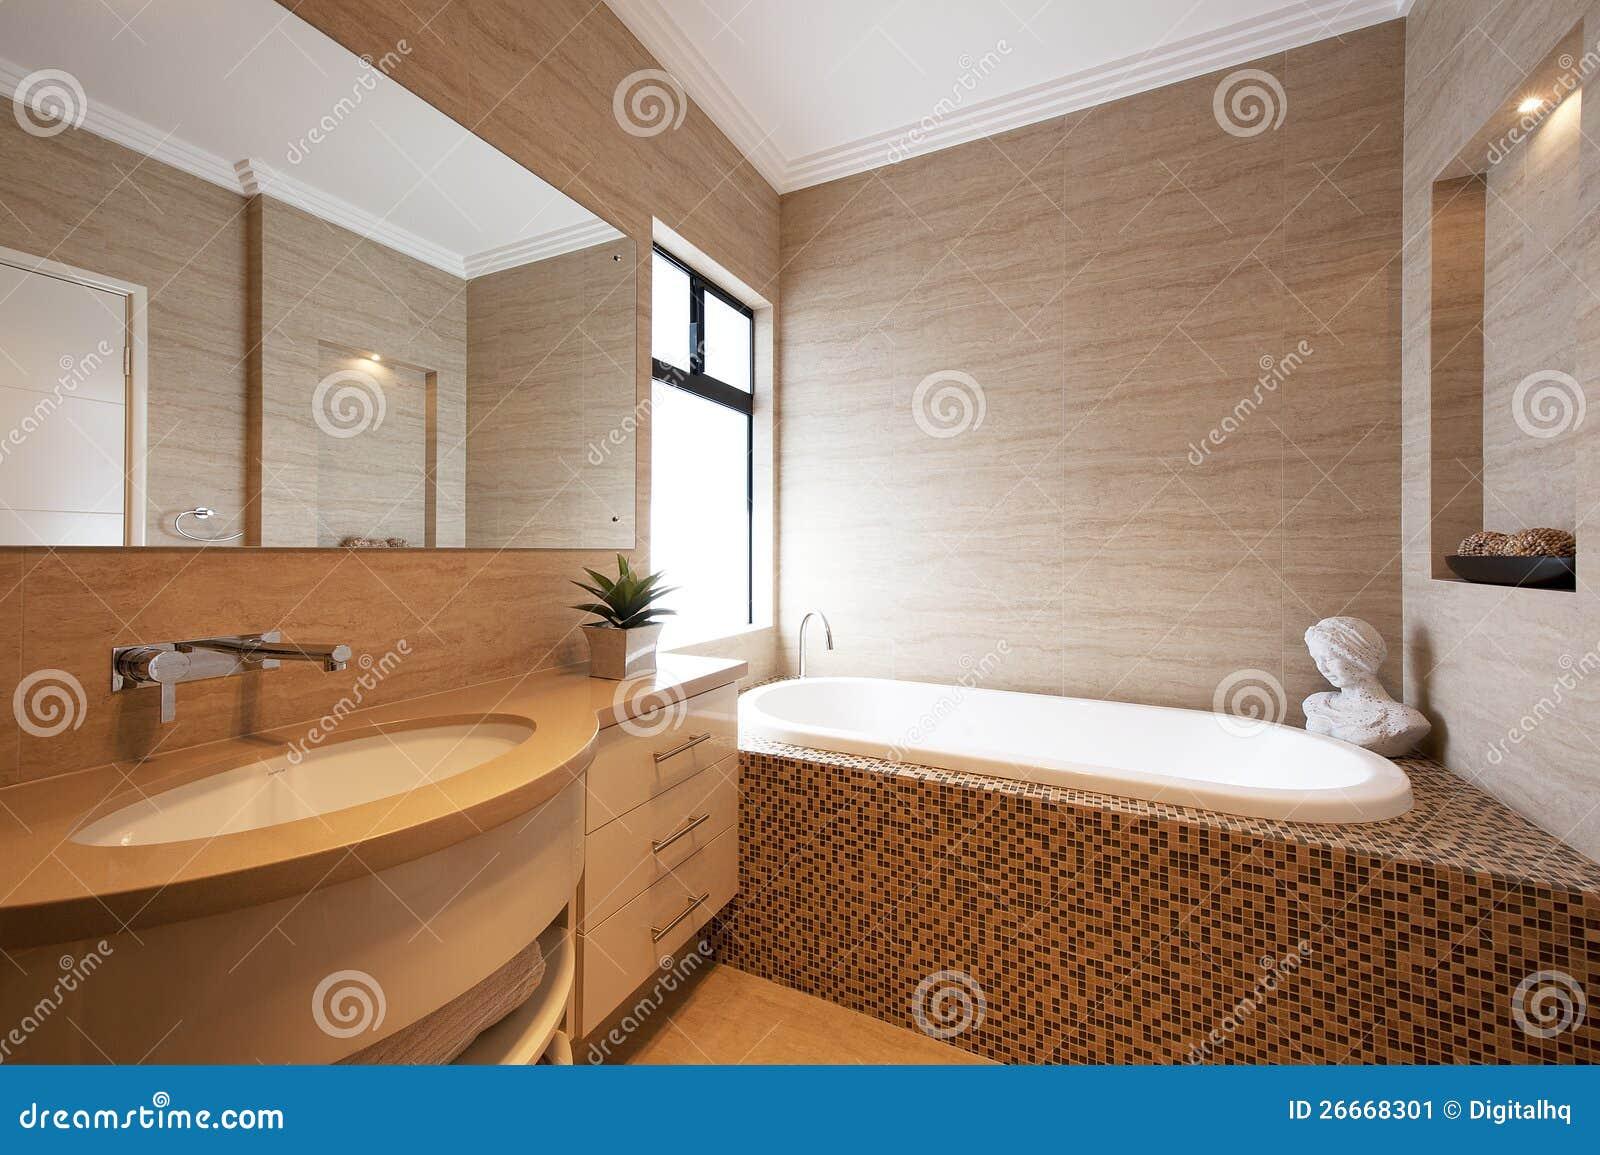 salle de bain luxe moderne avec haute dfinition images gooheycom - Salle De Bain Moderne De Luxe